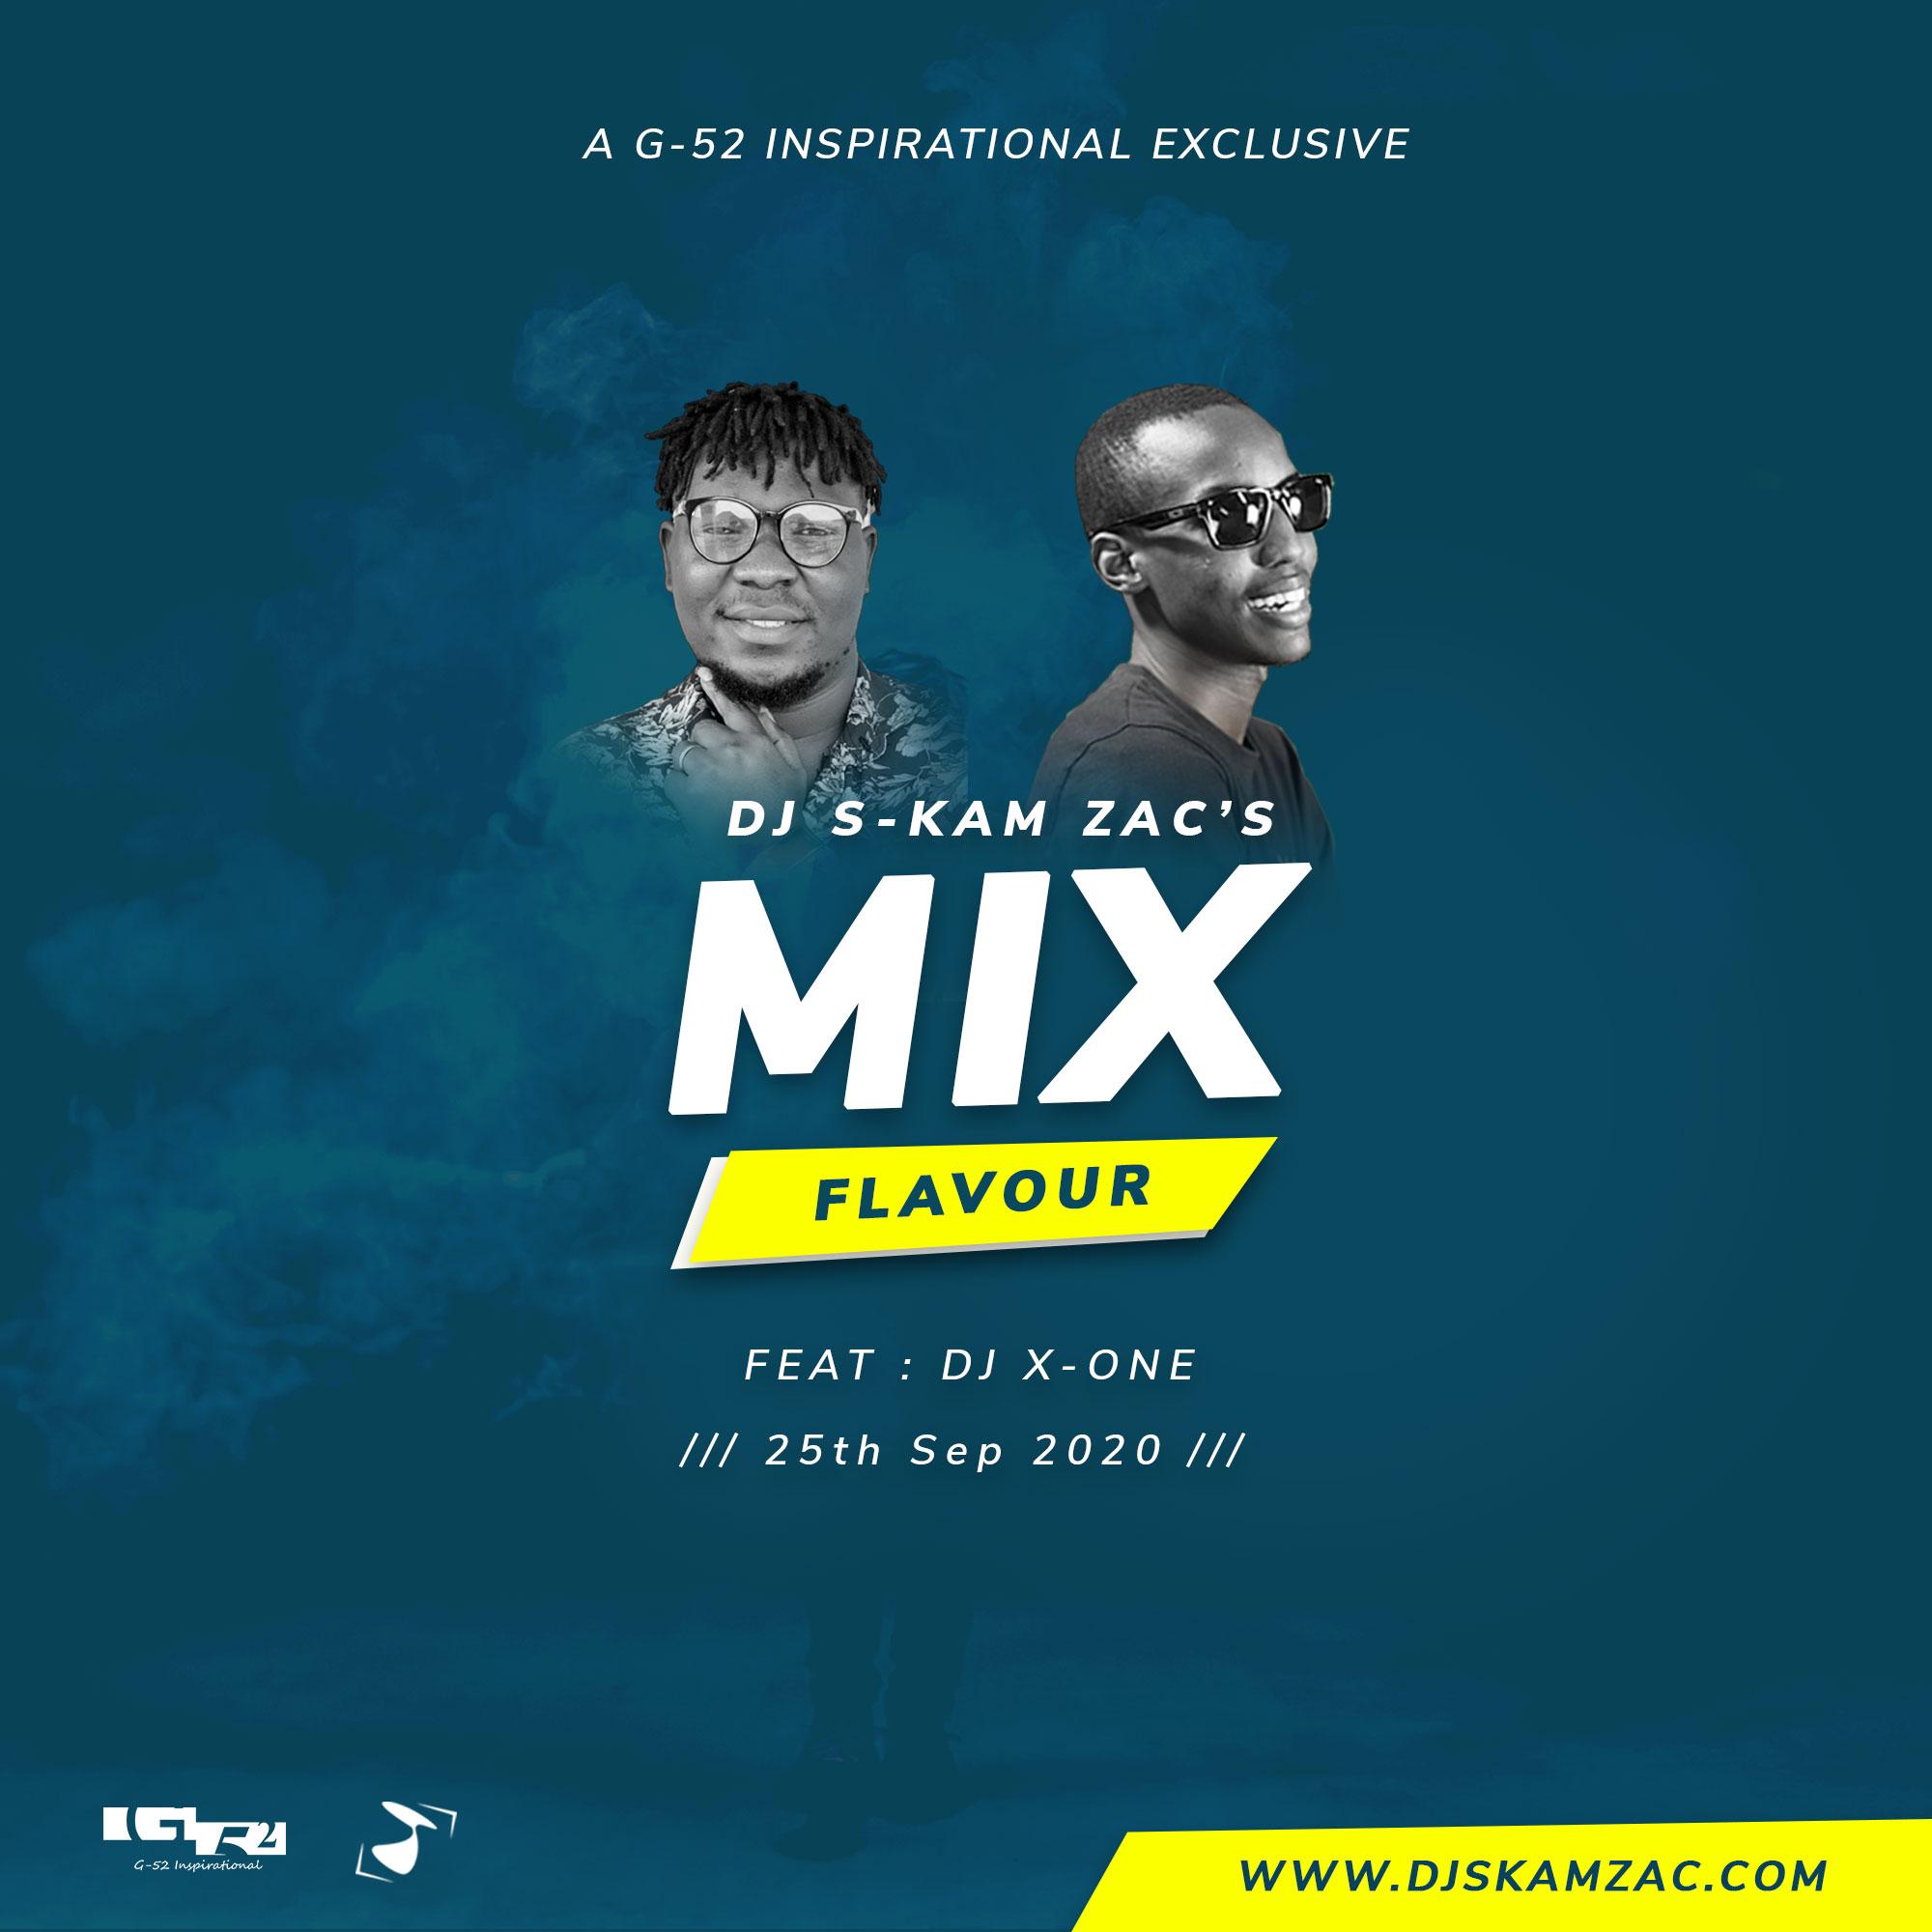 Mix Flavour - DJ S-kam Zac Ft Dj X-One